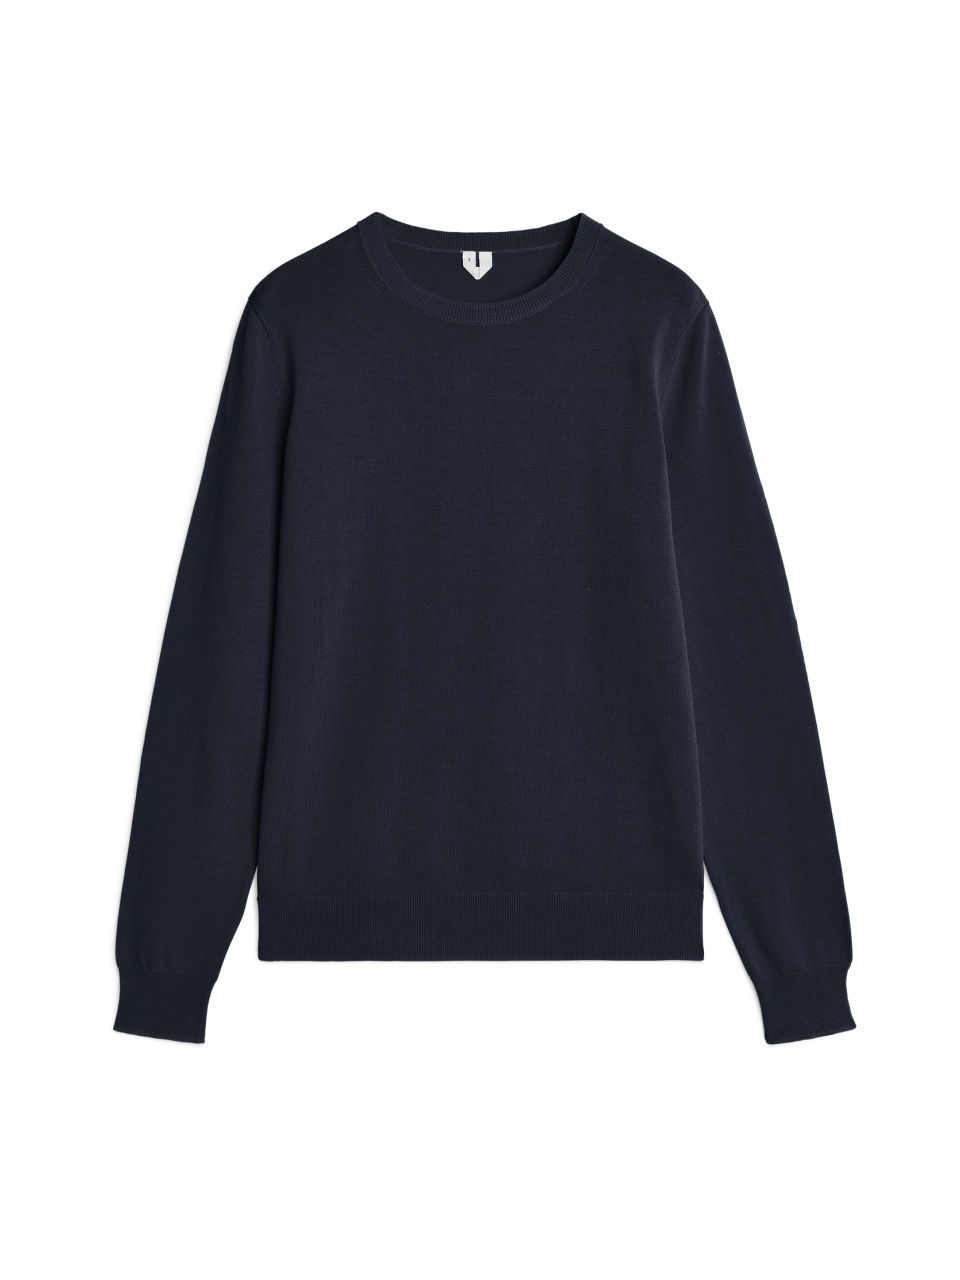 199fa527a0eb Pima Cotton Crew-Neck Jumper - Dark Blue - Knitwear - ARKET GB in ...